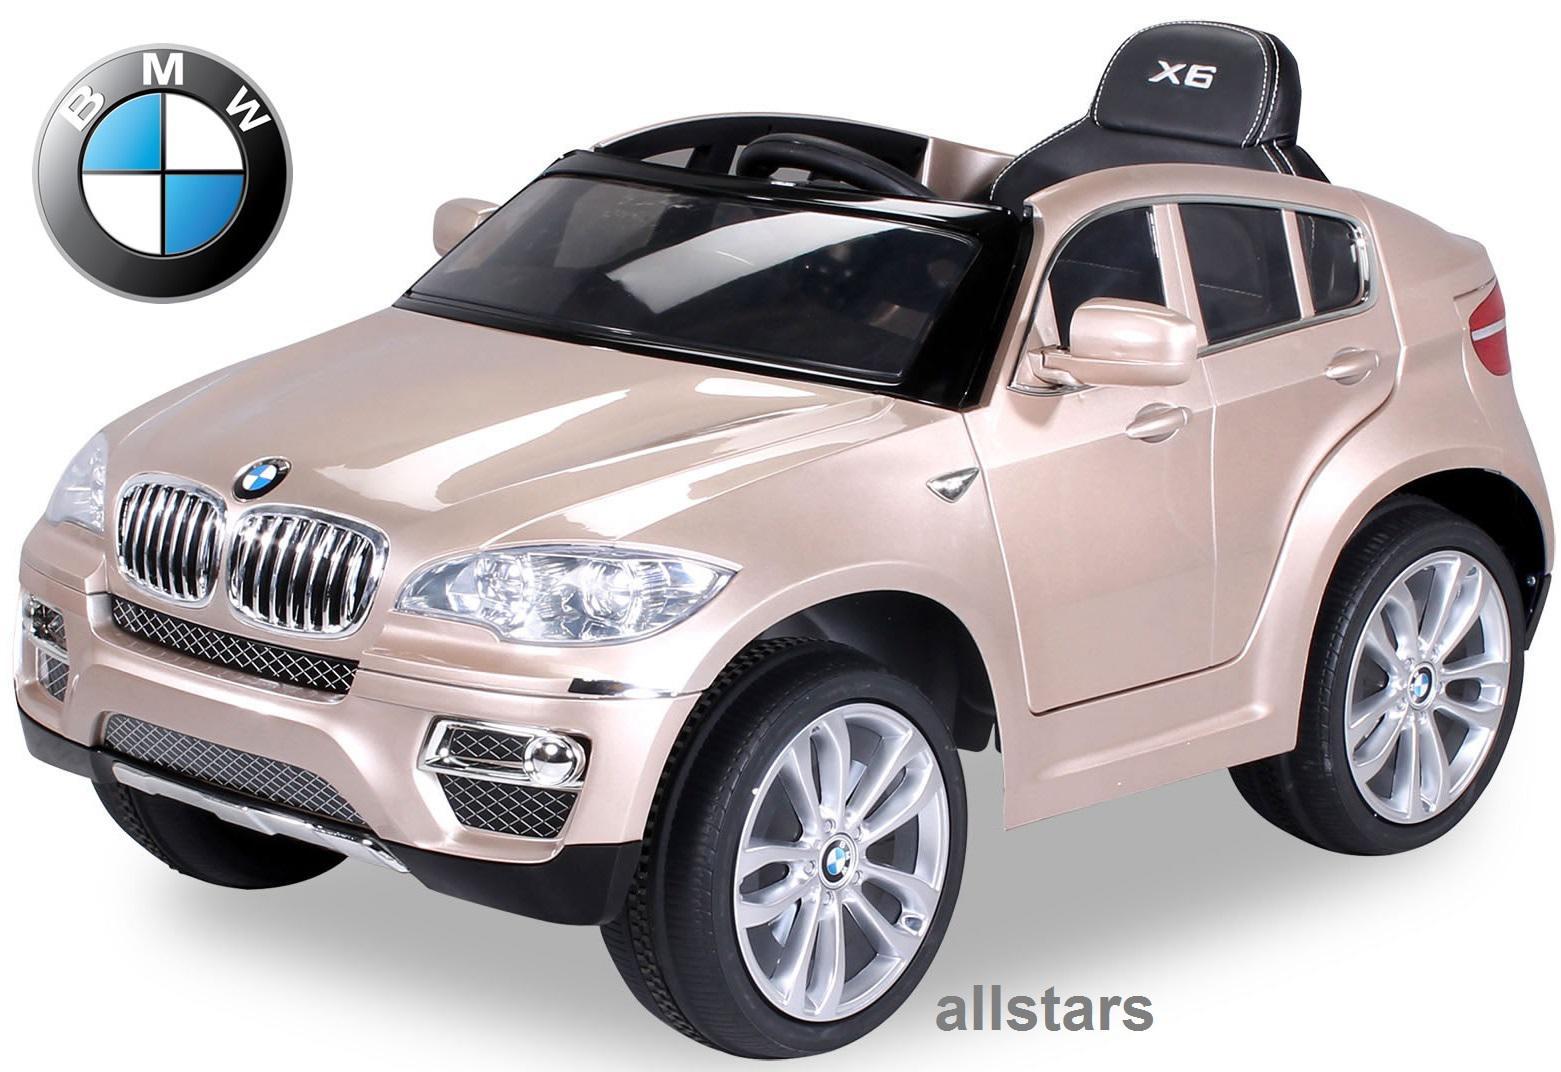 elektro kinderauto bmw x6 lizenziert e auto 90 w fernbedienung champagne kaufen bei euro. Black Bedroom Furniture Sets. Home Design Ideas